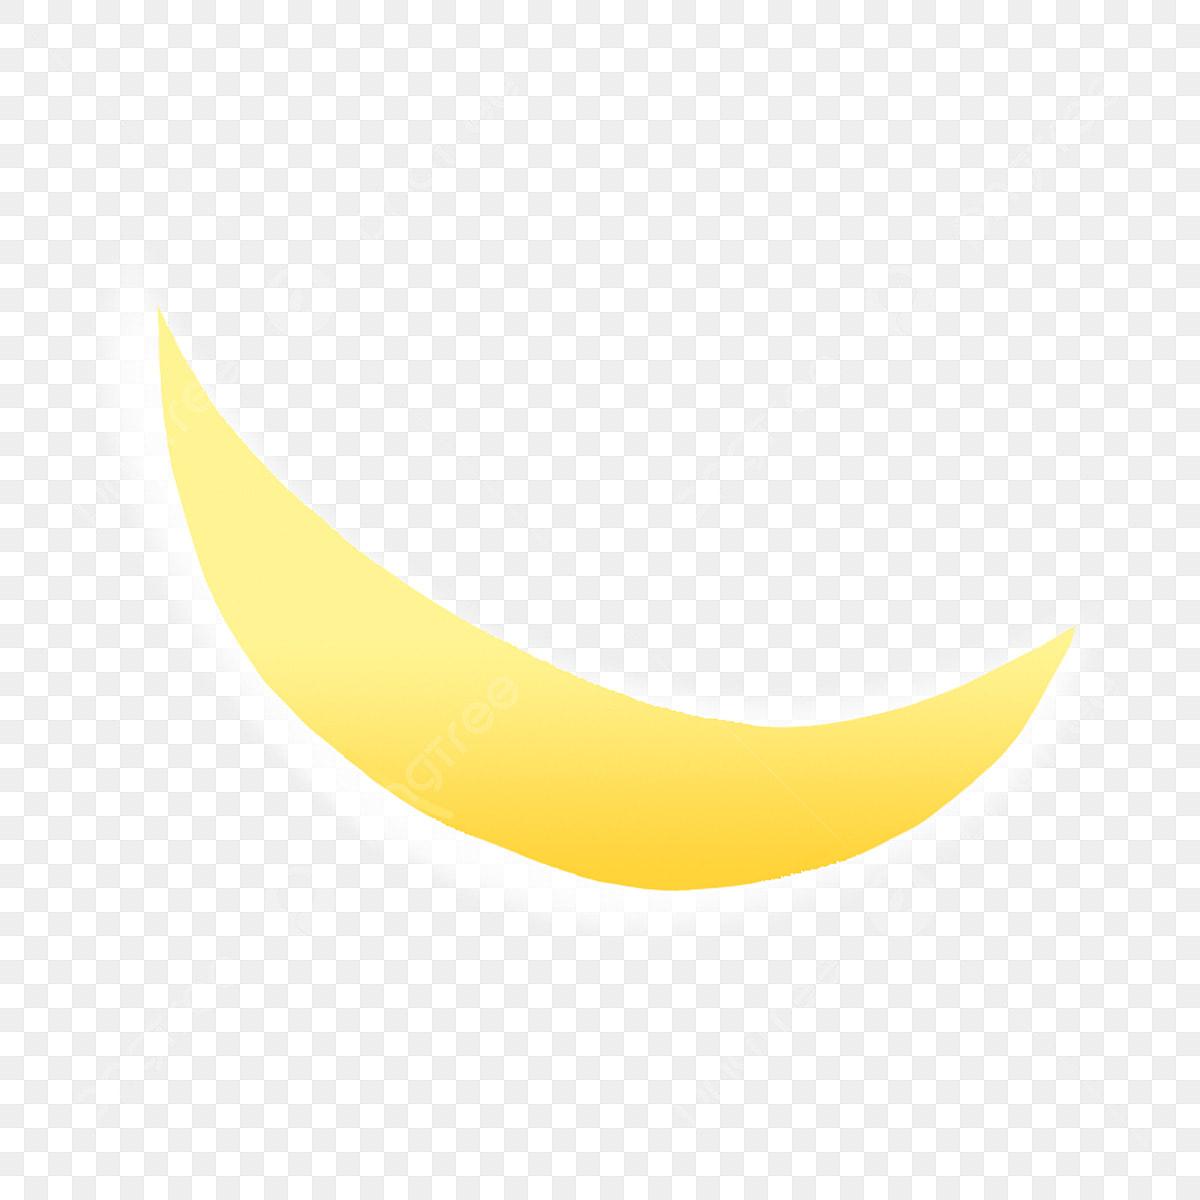 Crescent Moon Clip Art at Clker.com - vector clip art online, royalty free  & public domain